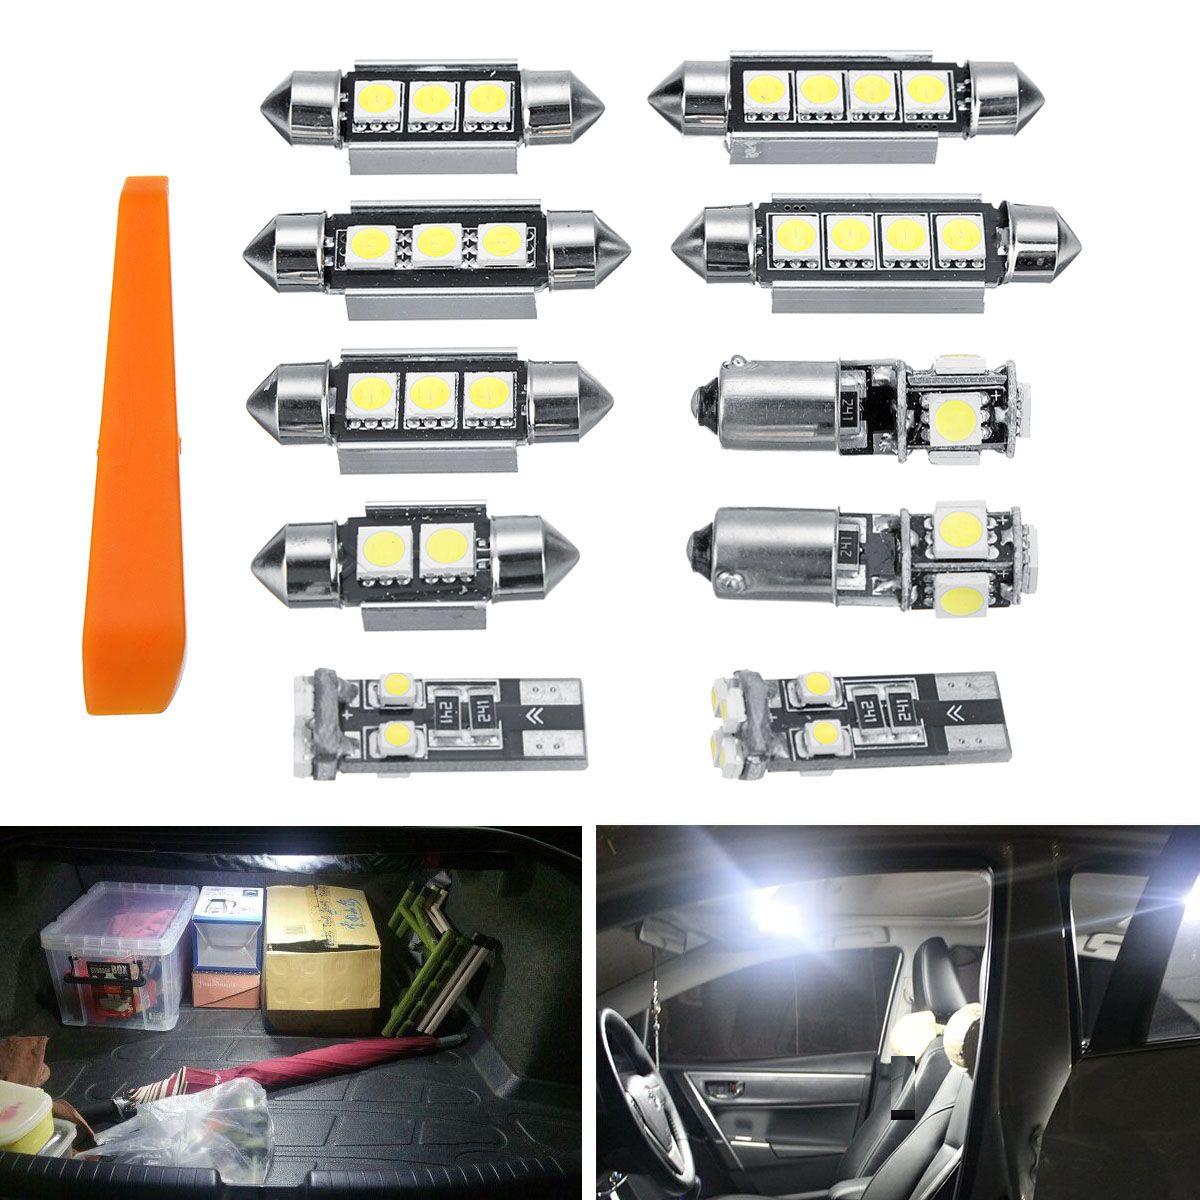 Mofaner 10 stücke Fehler Freies Lichter SMD LED Innen Lichter Kit Für Volkswagen für VW MK4 Golf GTI Jetta 1999 -2005